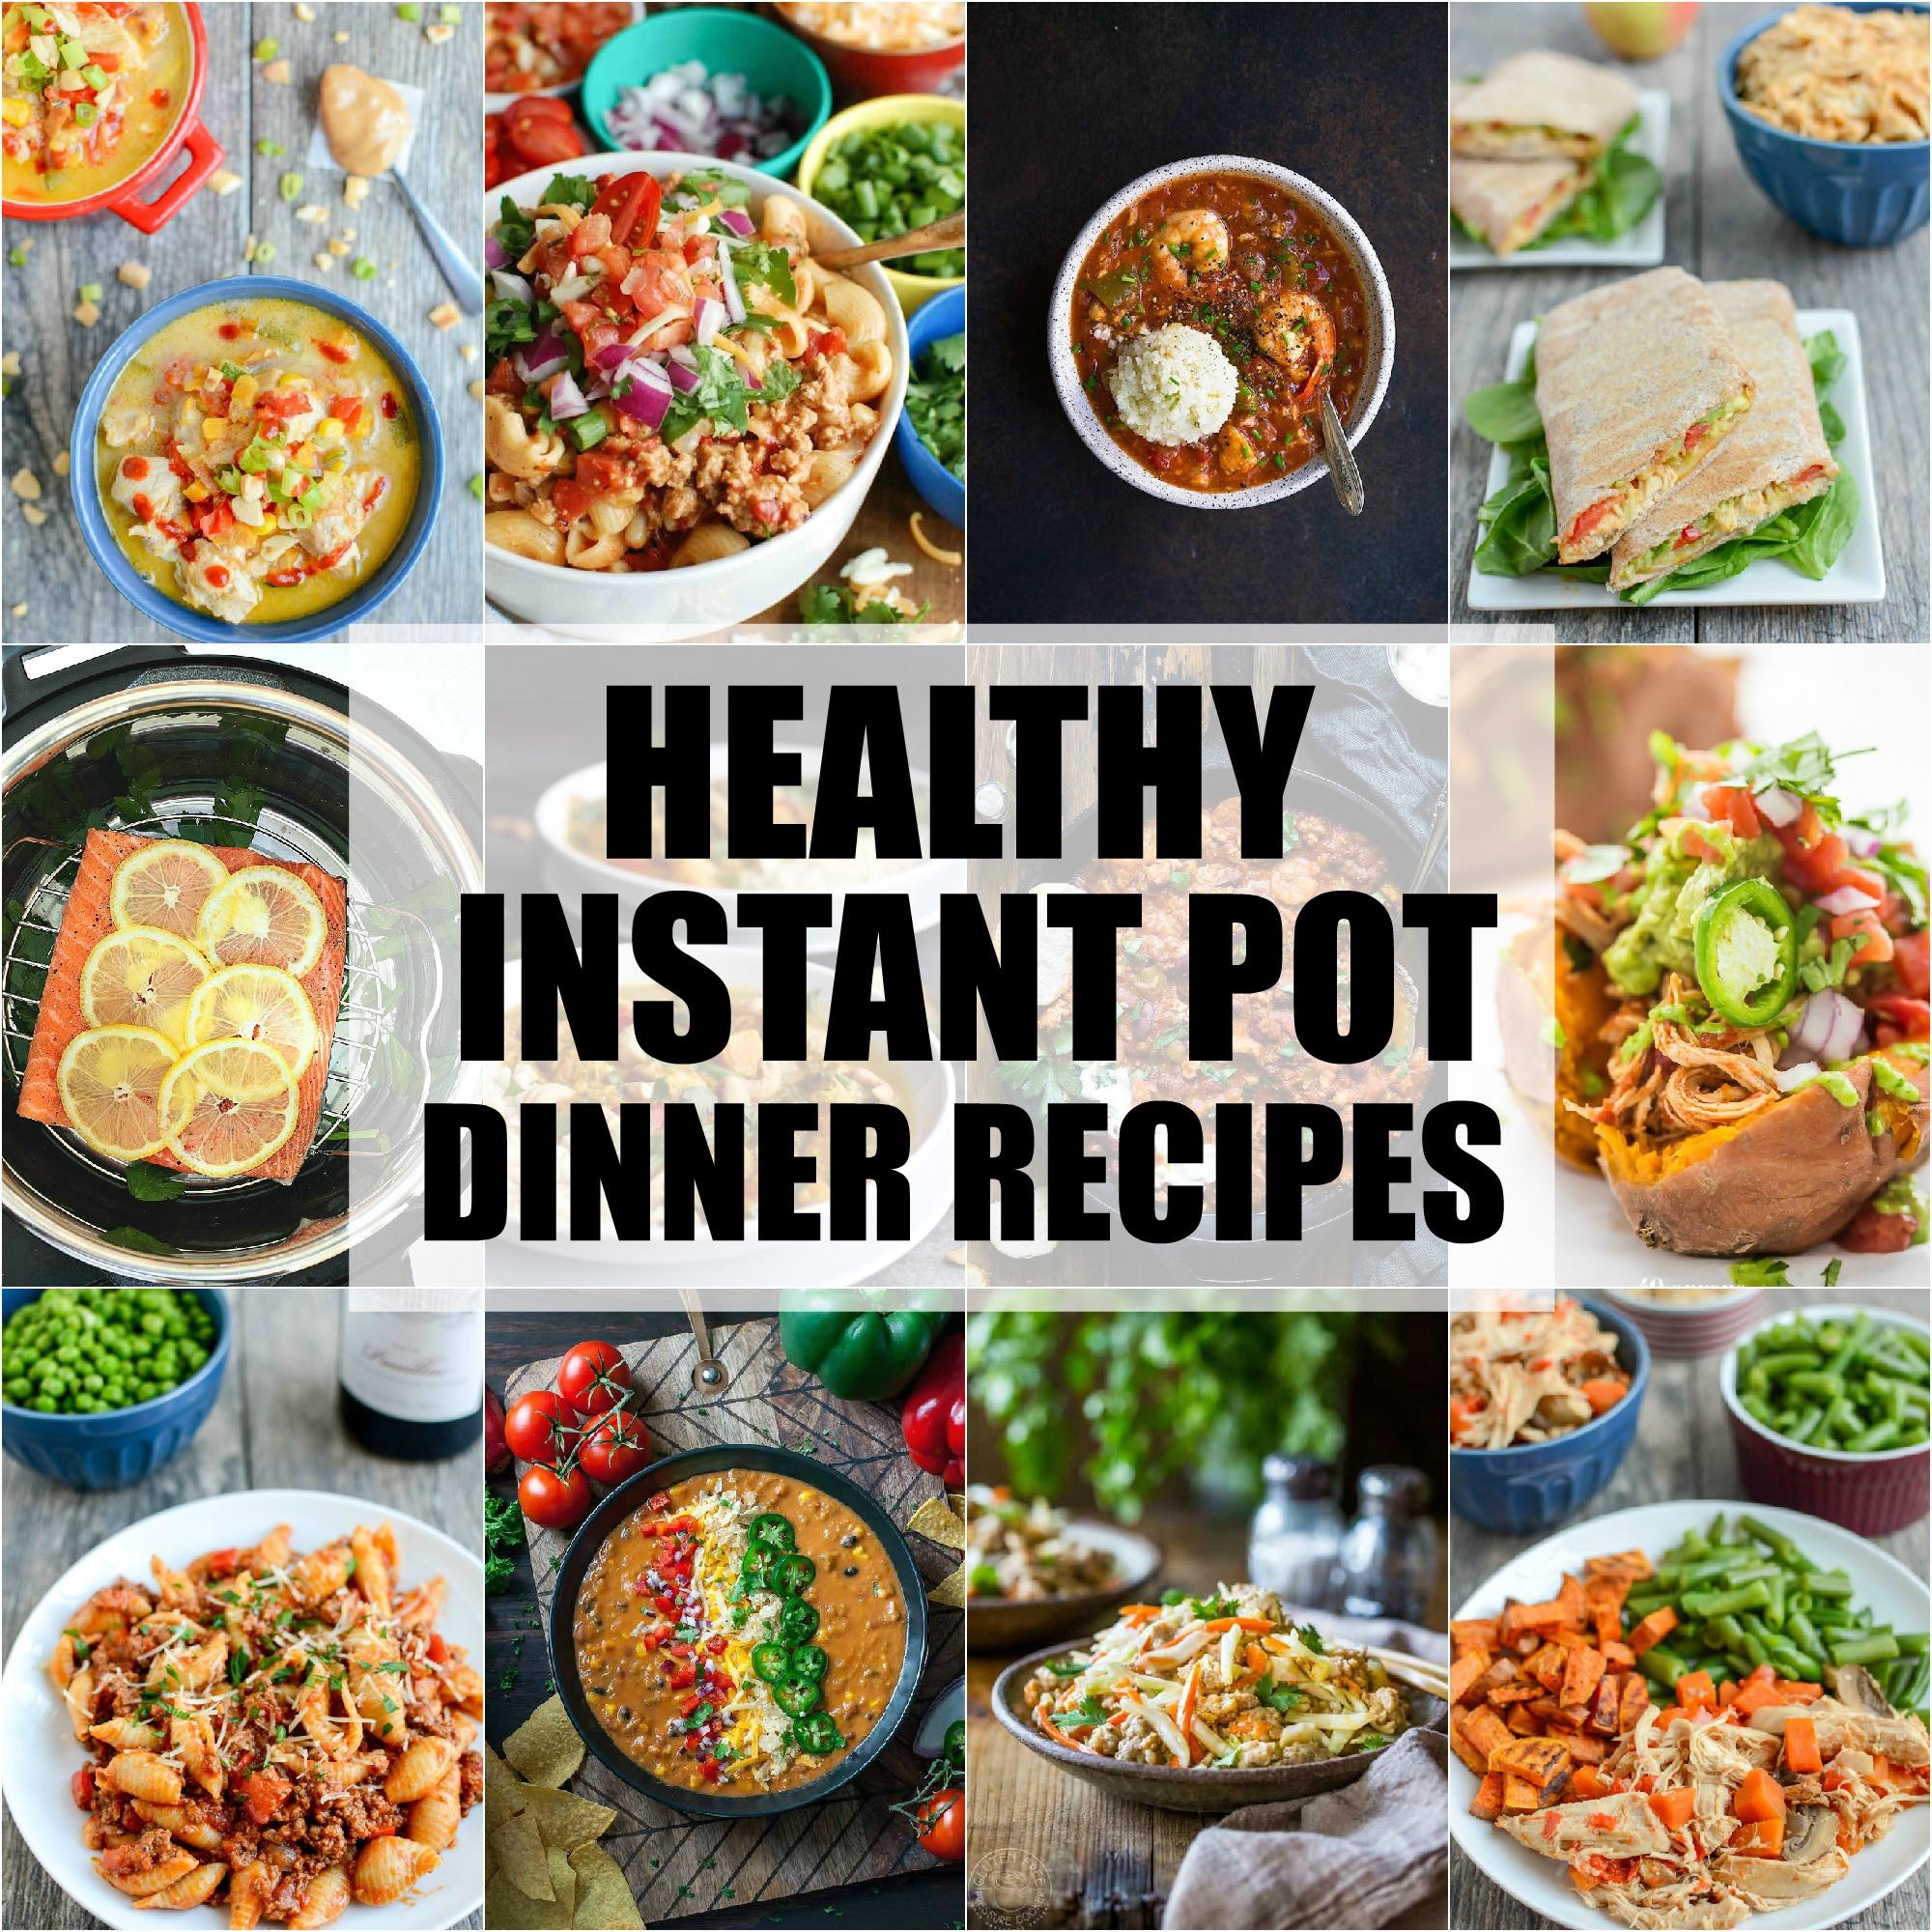 Instant Pot Brunch Recipes  Healthy Instant Pot Dinner Recipes